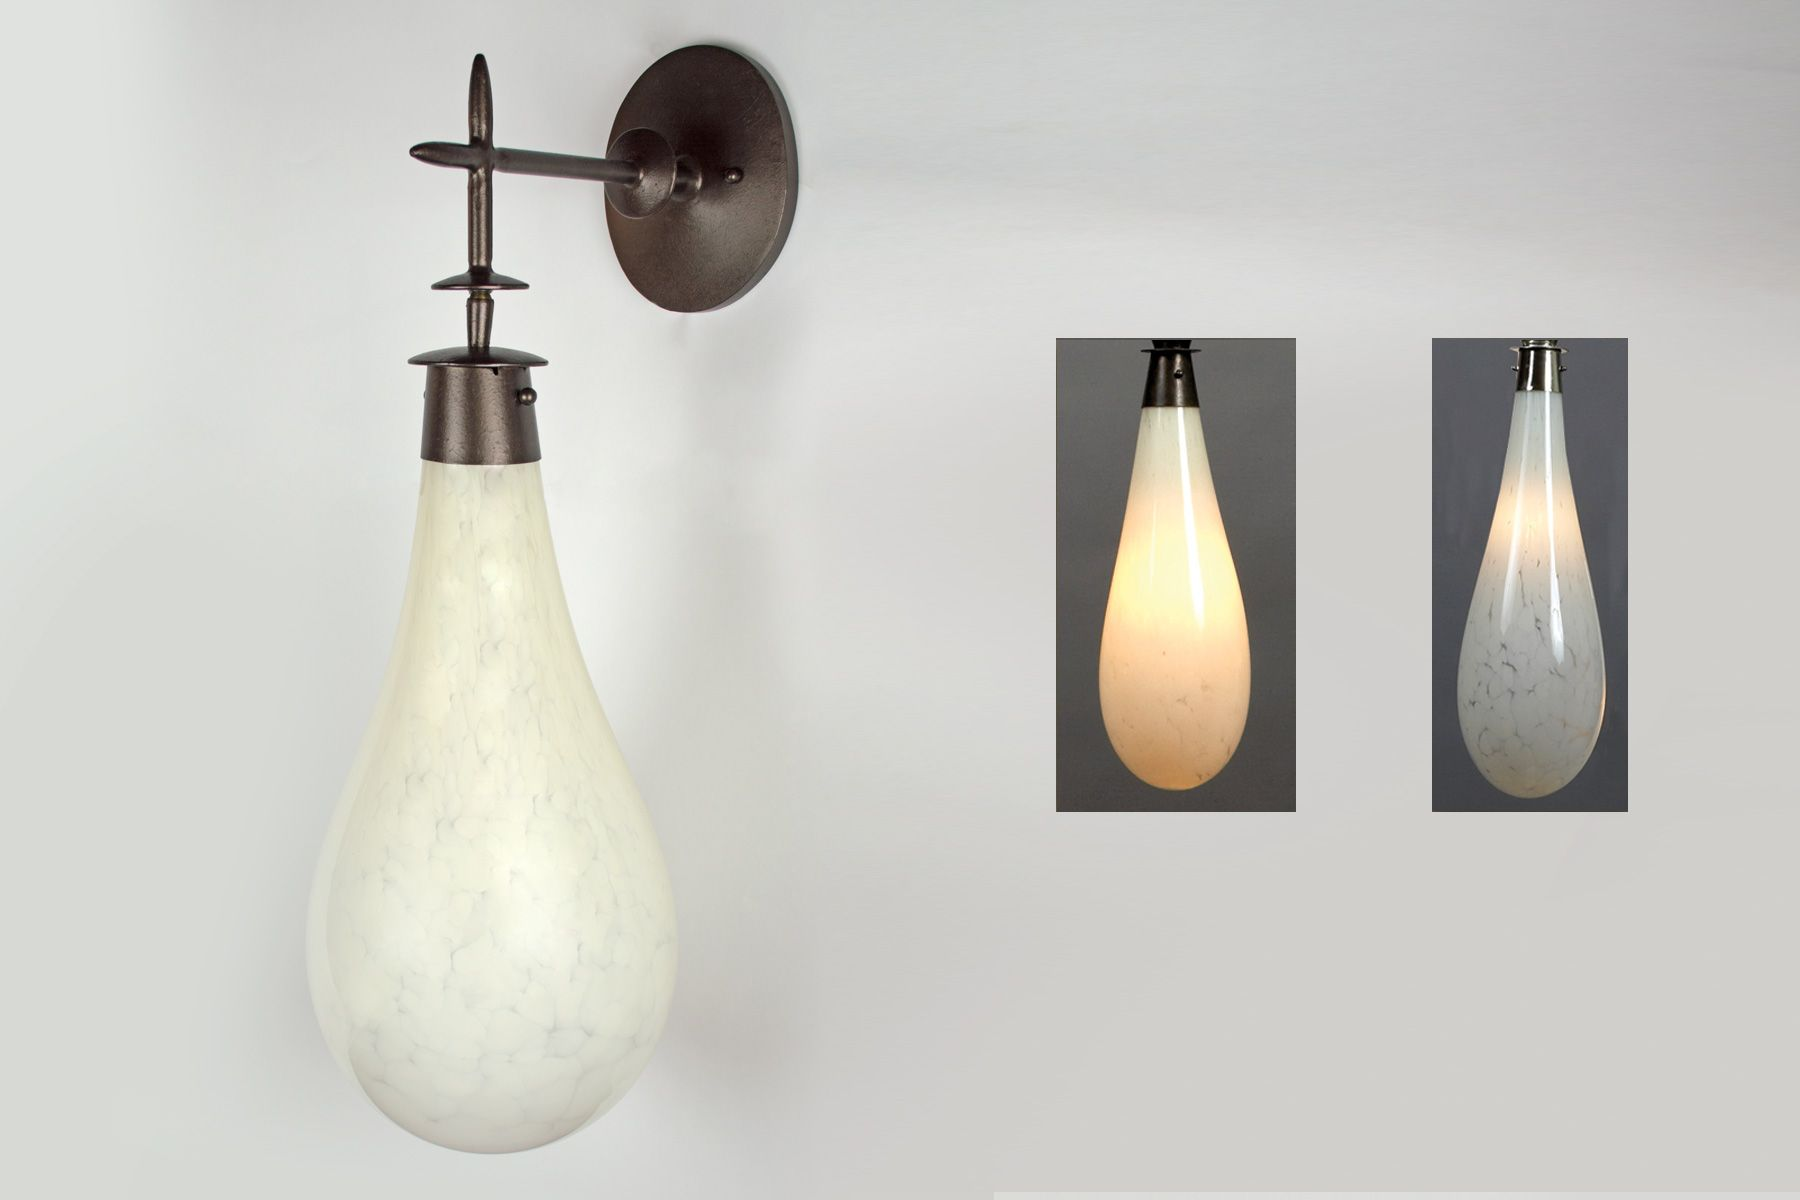 Vend 244 Me Wall Sconce Bourgeois Boheme Atelier Sconces Wall Sconces Floor Lamp